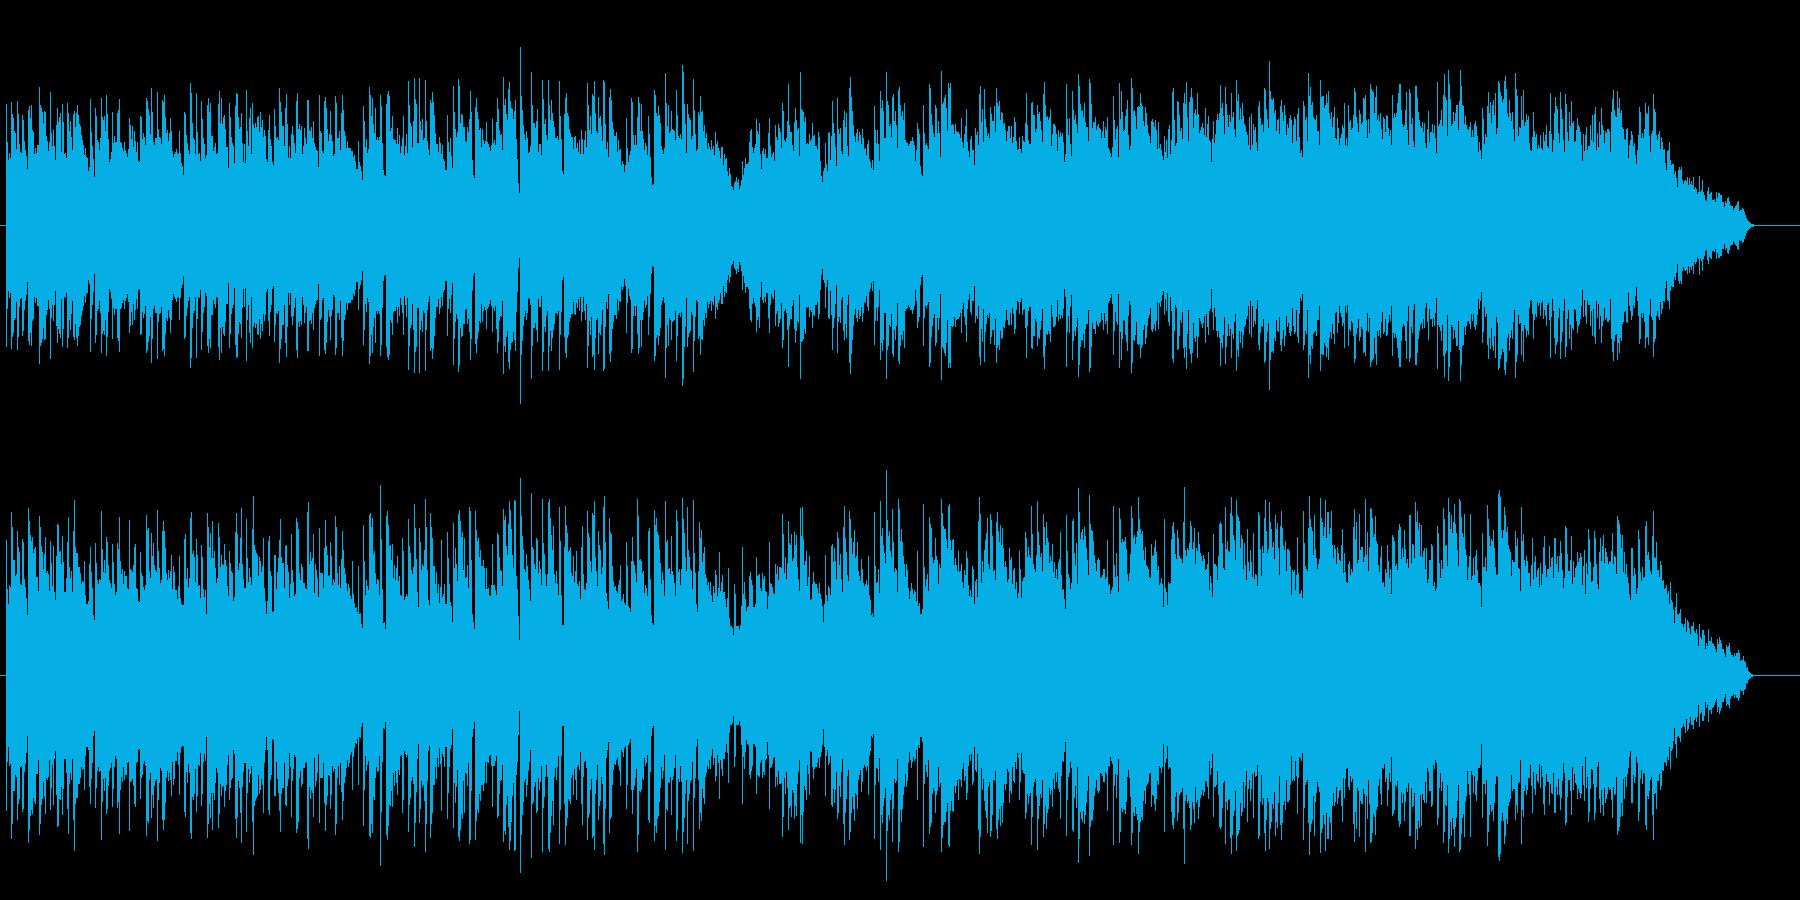 感傷的なアコースティック・バラードの再生済みの波形